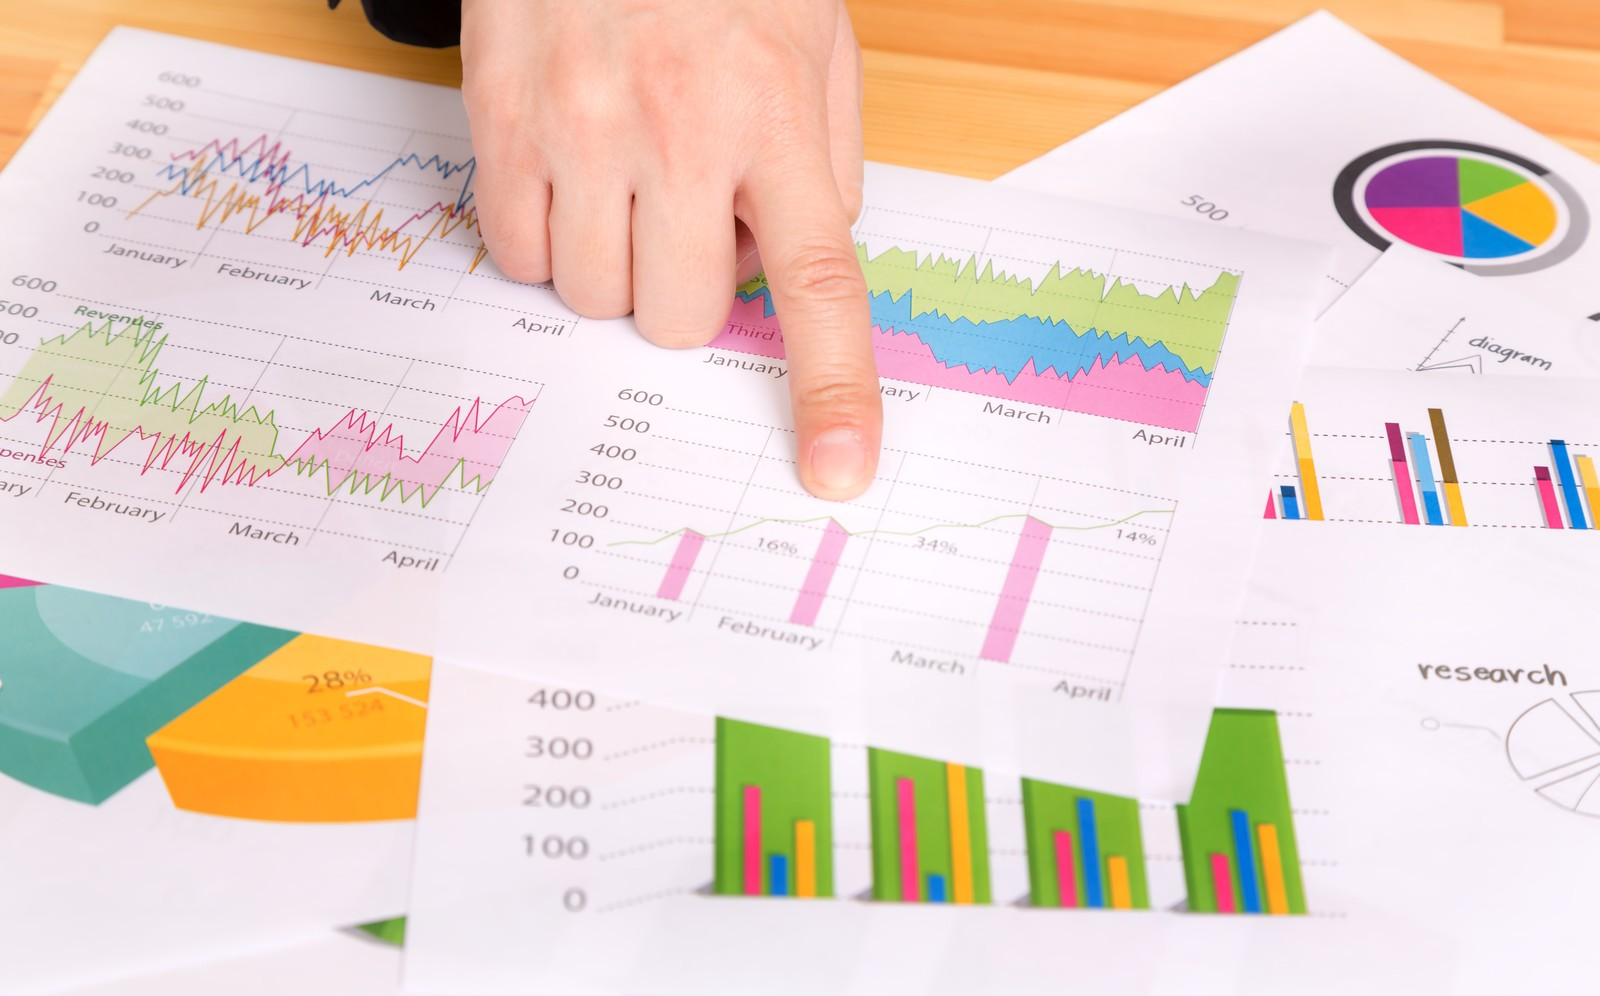 進行状況や、目標達成率を数字で表す画像